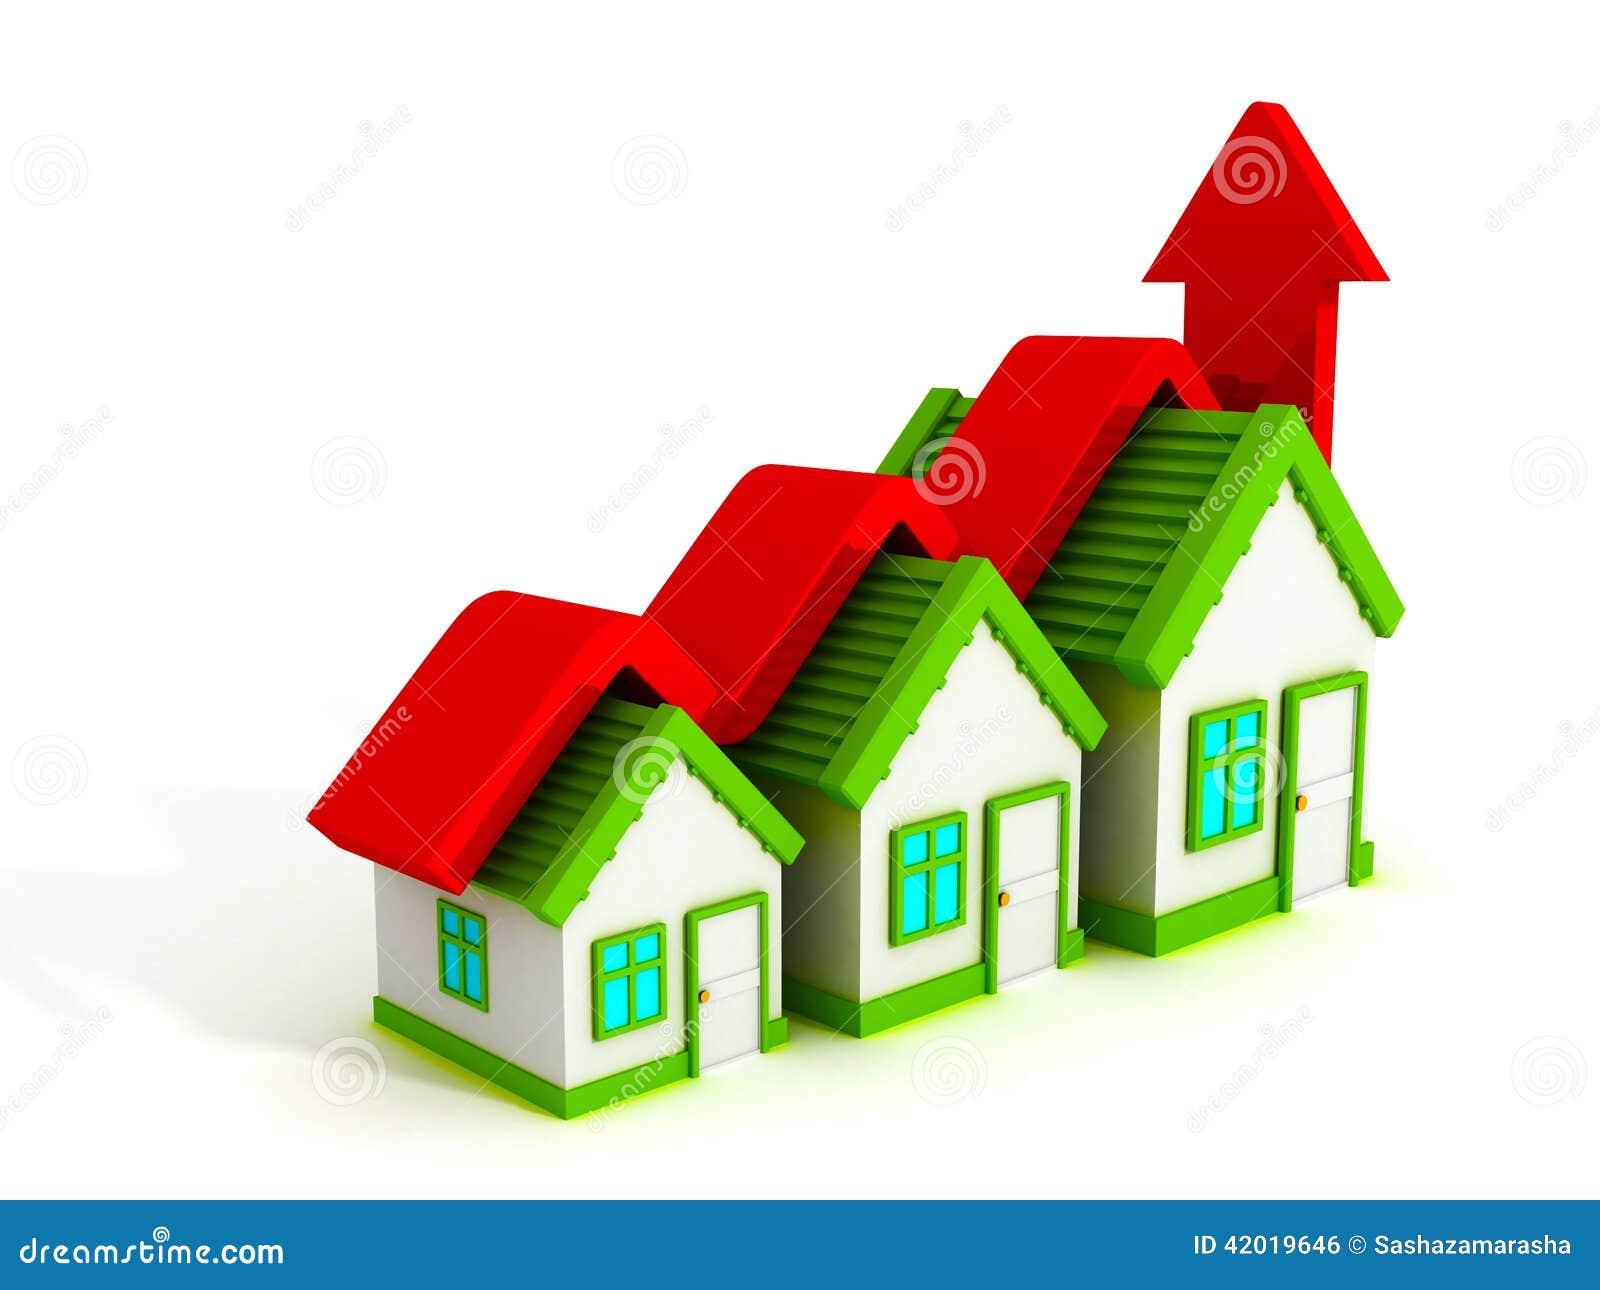 Gr fico de la casa del concepto de las propiedades for Inmobiliaria o inmobiliaria